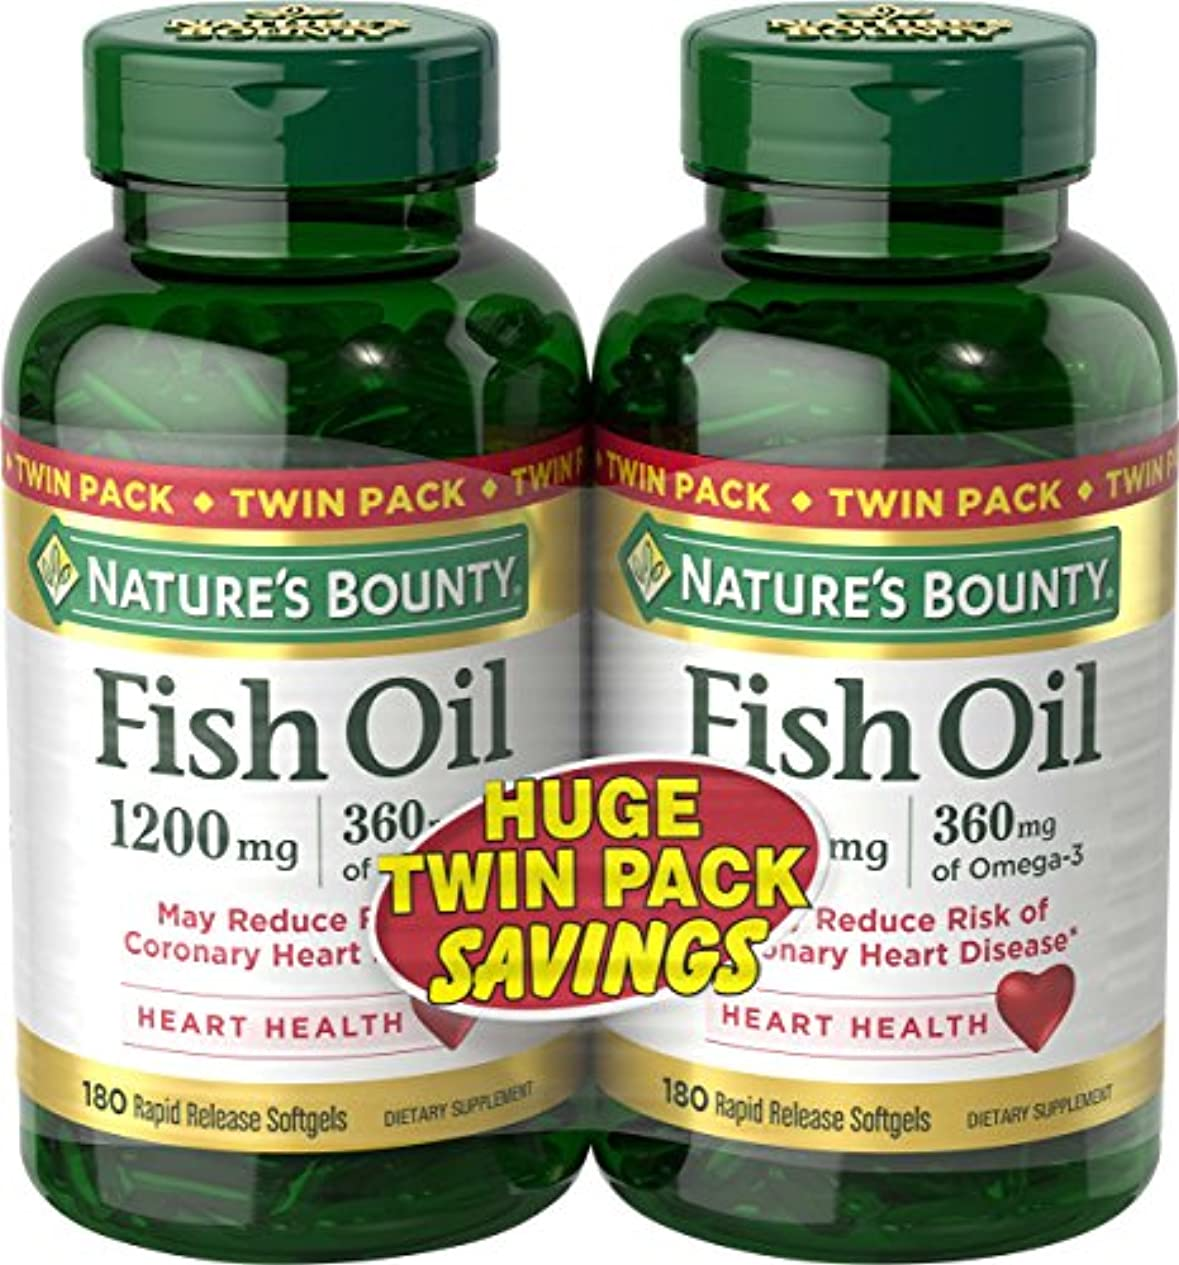 禁止する追加まさにNature's Bounty Fish Oil 1200 mg Twin Packs, 180 Rapid Release Liguid Softgels 海外直送品